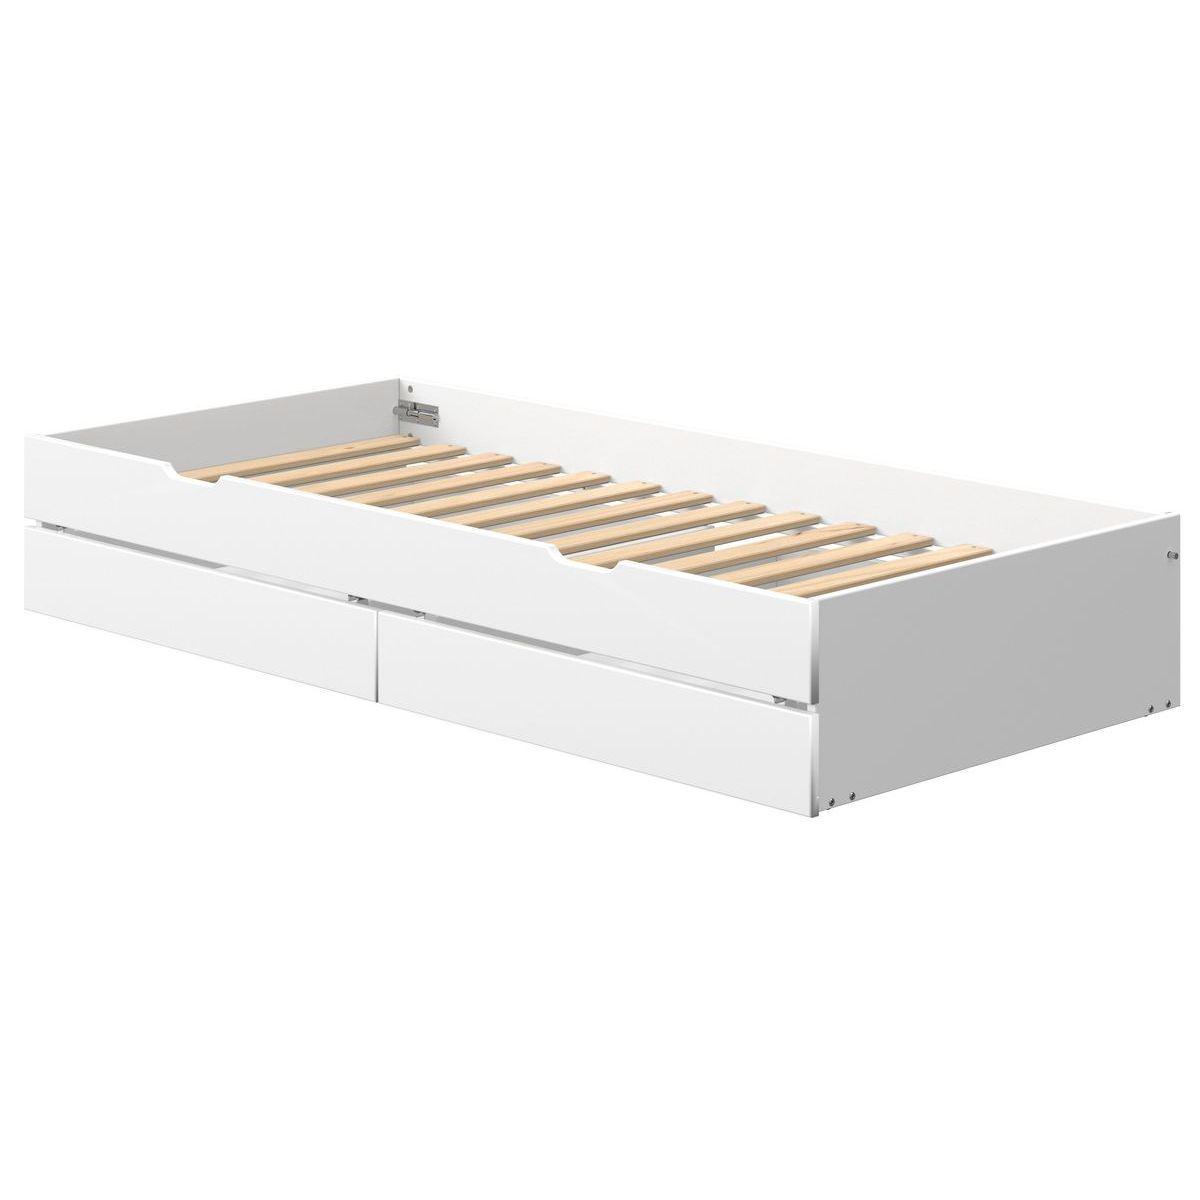 Cama nido-2 cajones 190cm NOR Flexa blanco